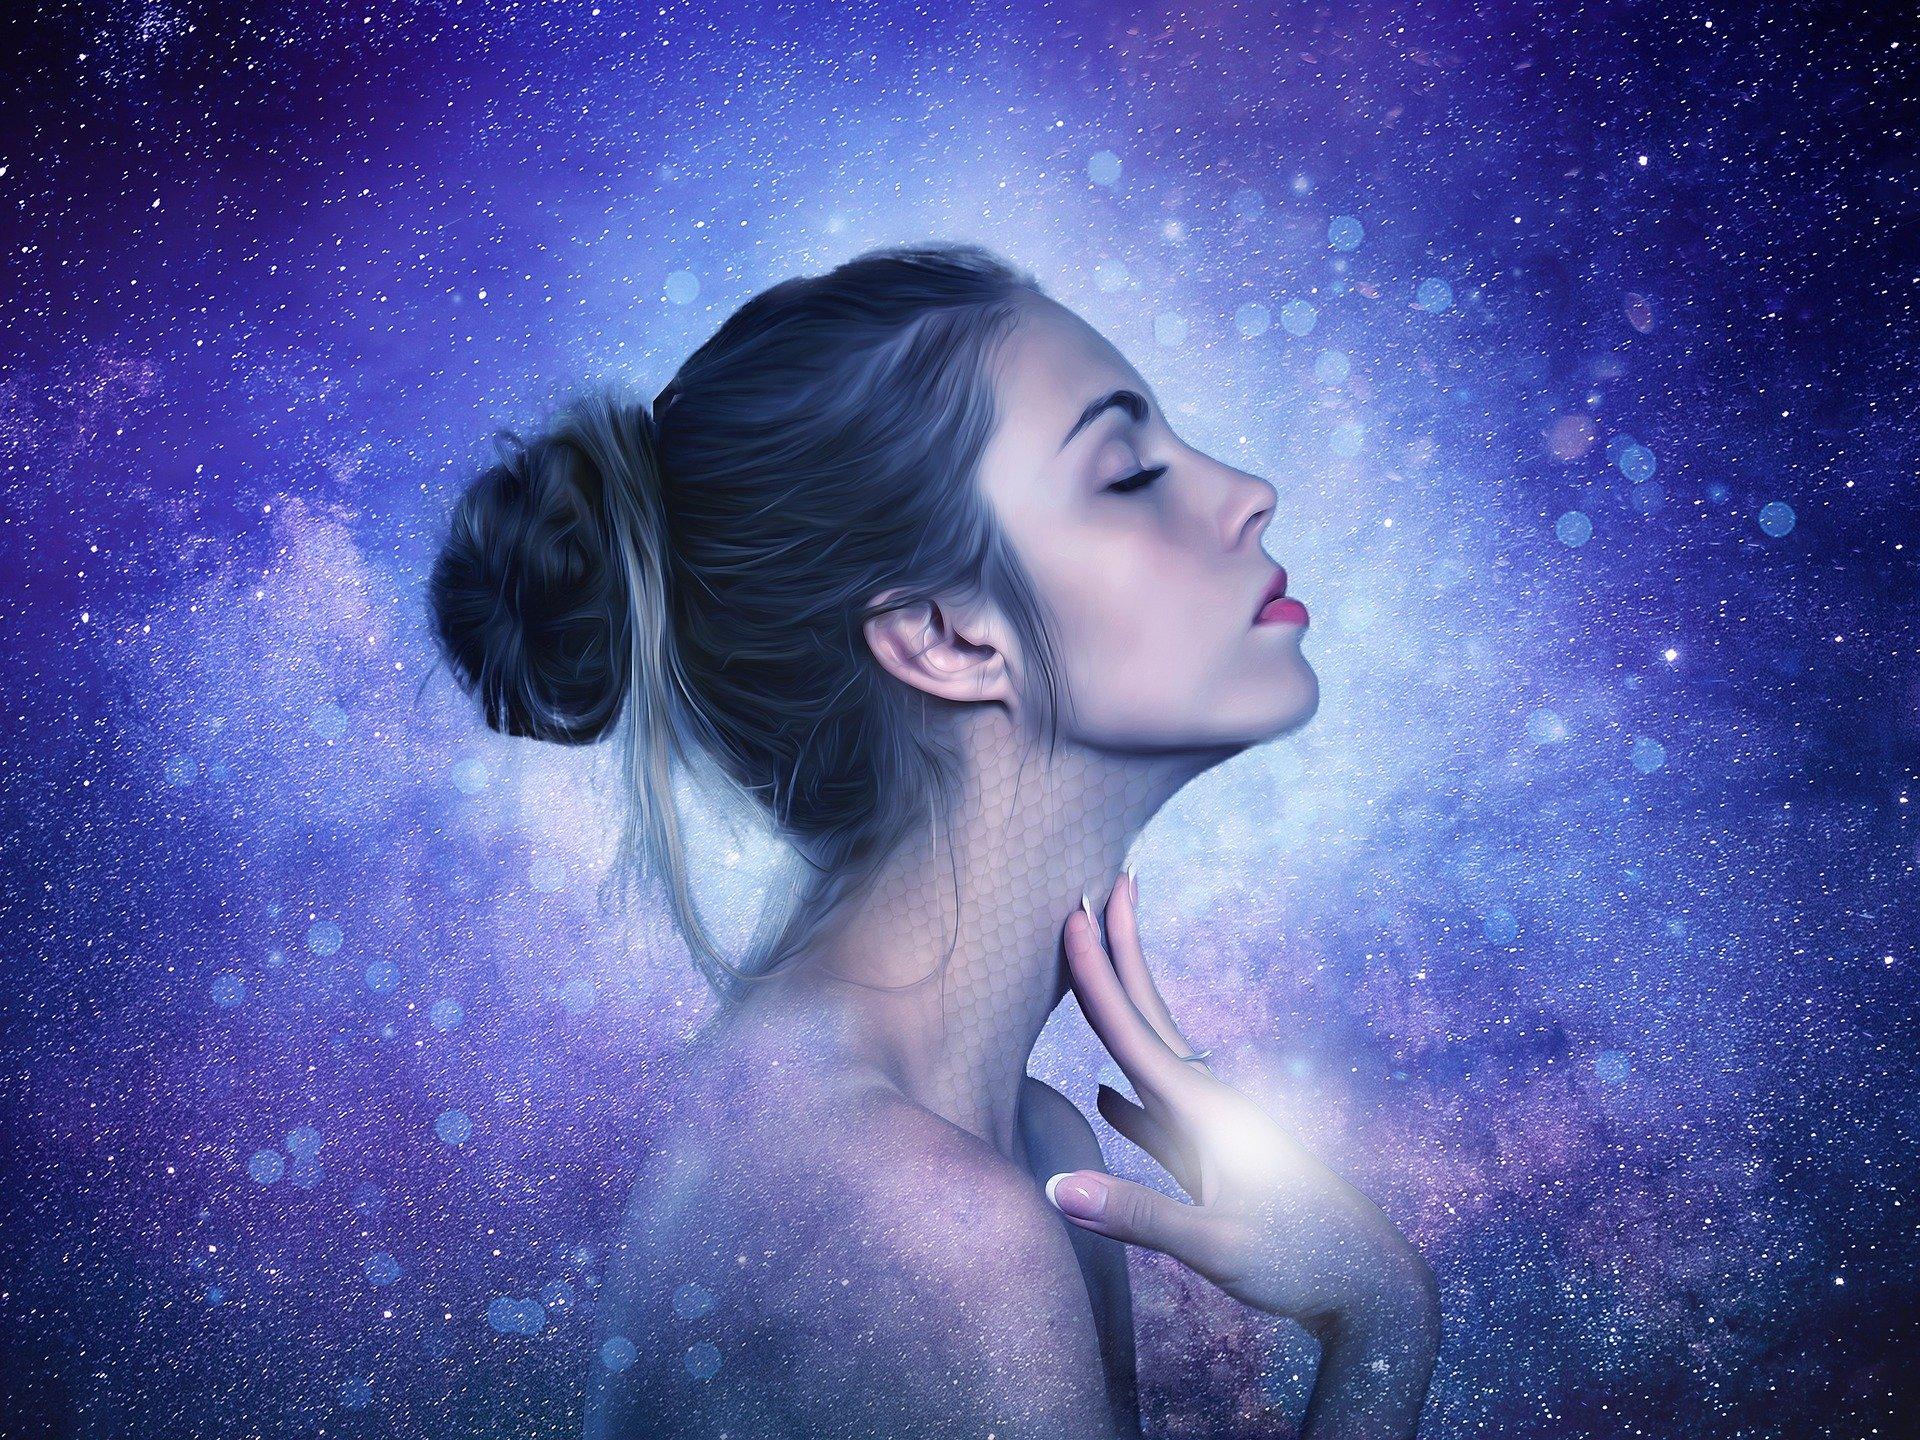 好きな人に波動を送ると好きな気持ちが相手に伝わる!恋愛の波動の出し方や彼の潜在意識への伝え方